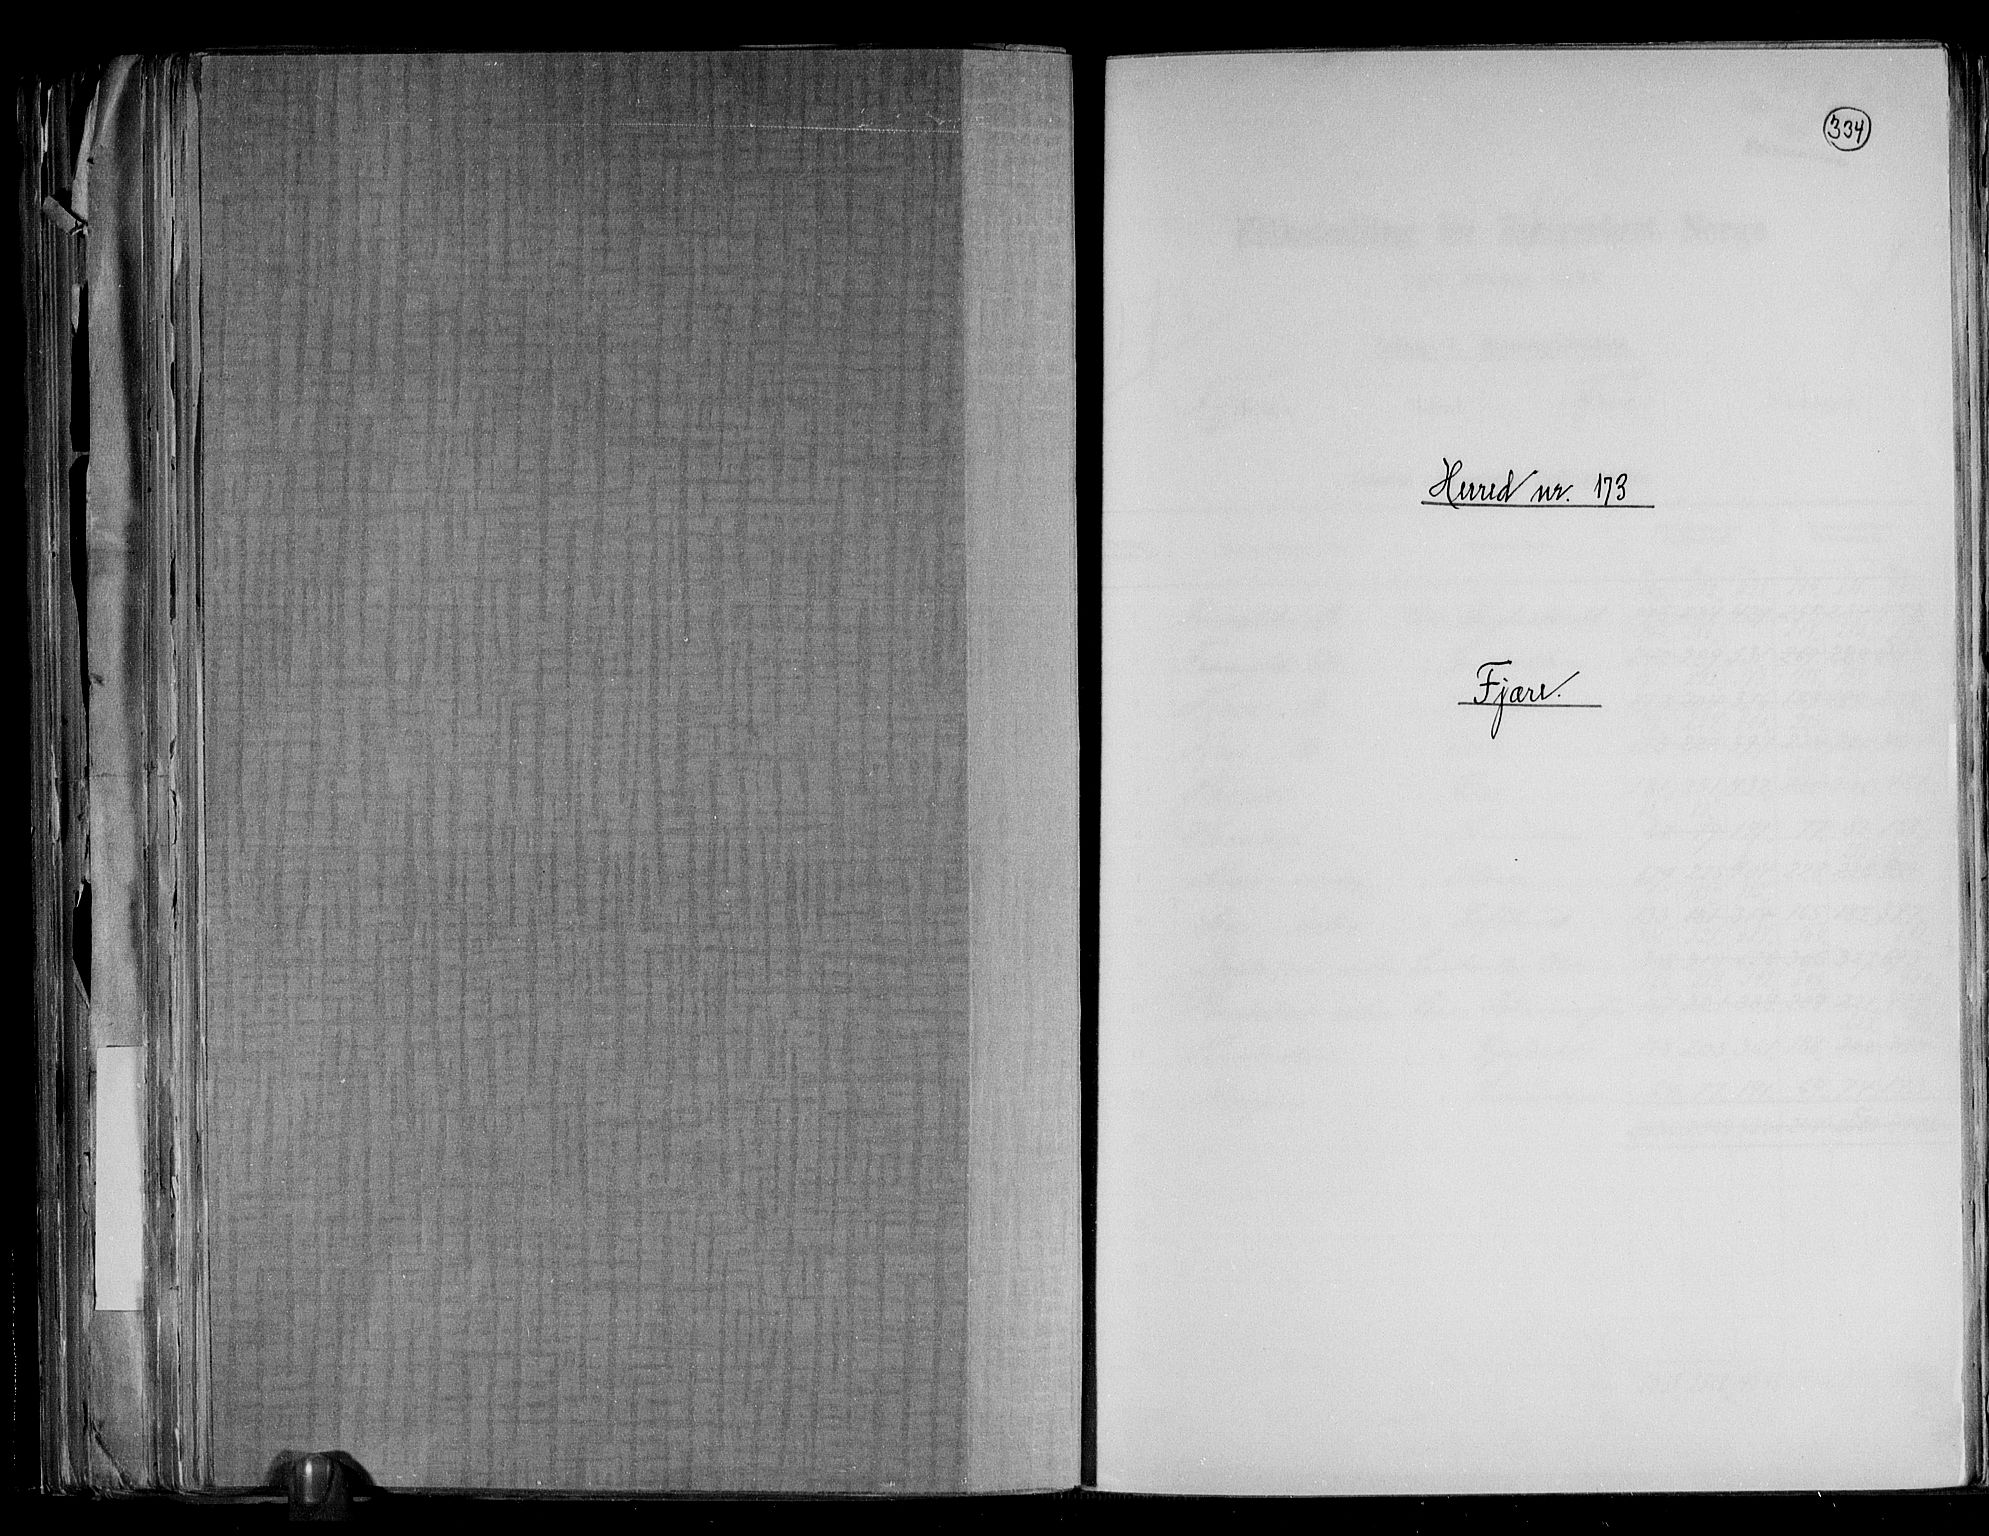 RA, Folketelling 1891 for 0923 Fjære herred, 1891, s. 1